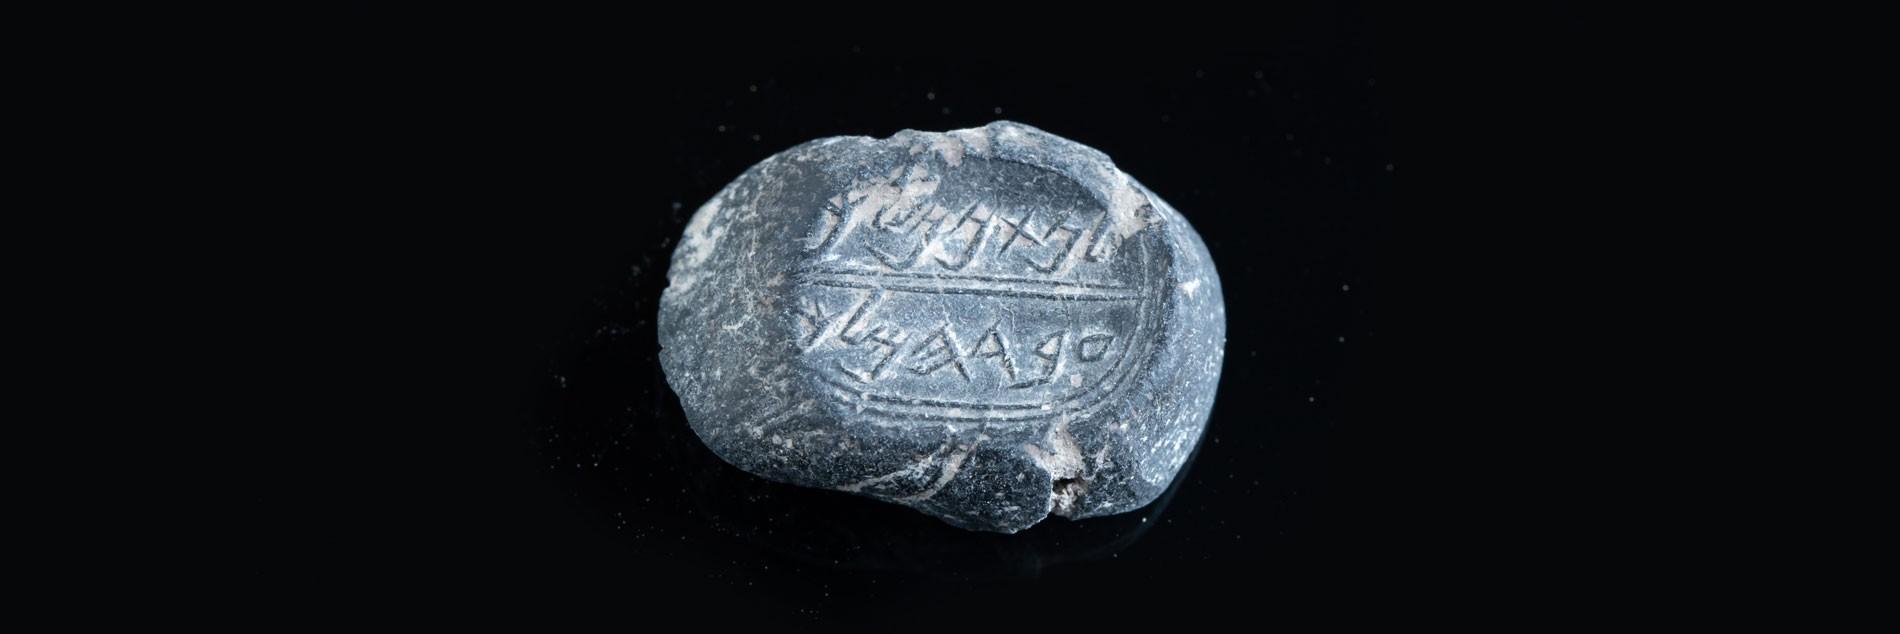 """טביעת חותם נושאת שם המופיע בתנ""""ך התגלתה בעיר דוד"""